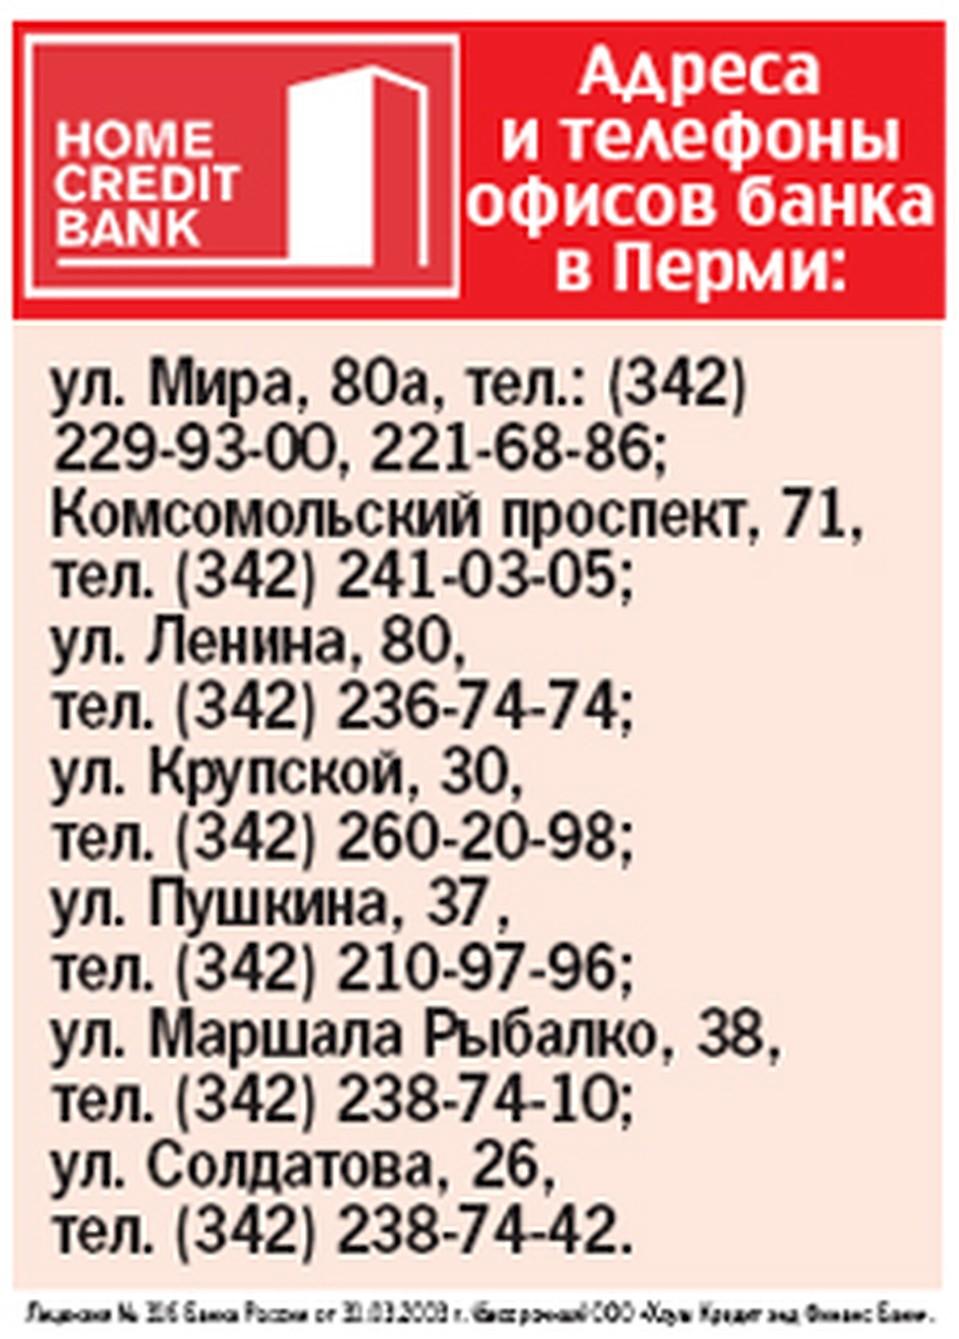 кредиты в казахстане с самым низким процентом евразийский банк